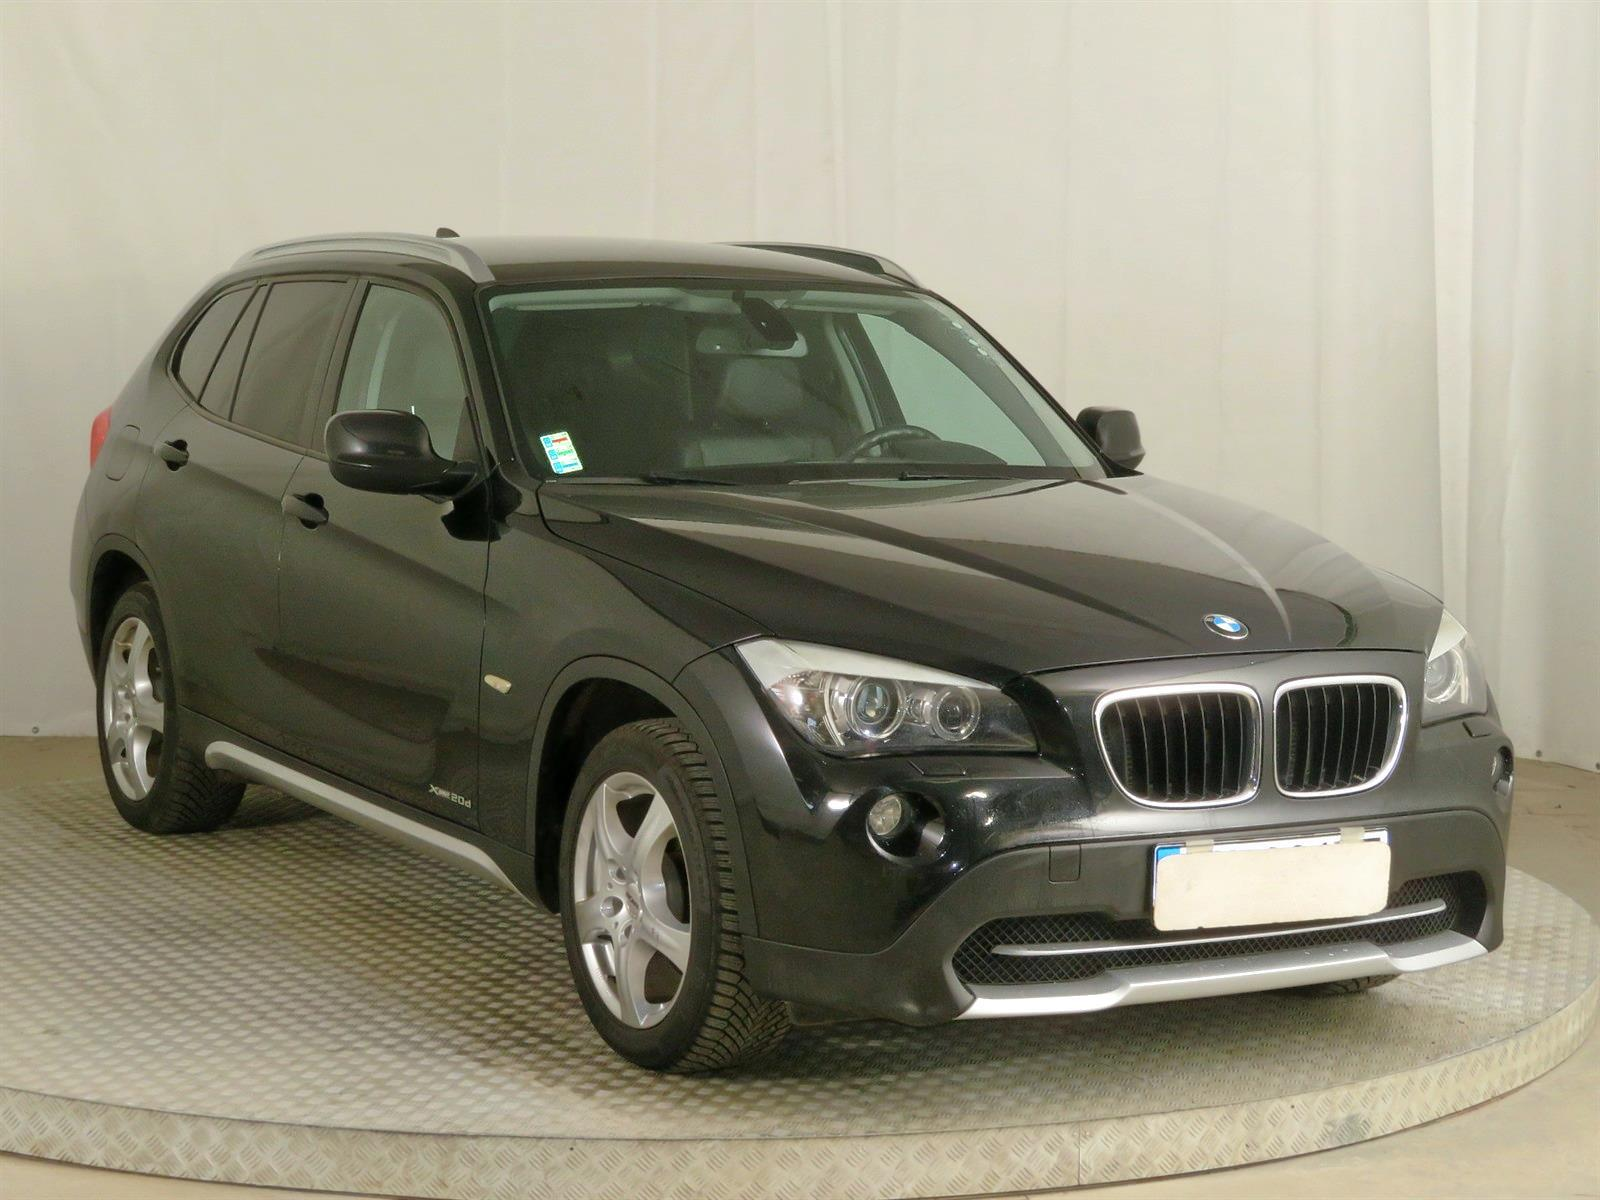 BMW X1 xDrive20d 130kW SUV nafta